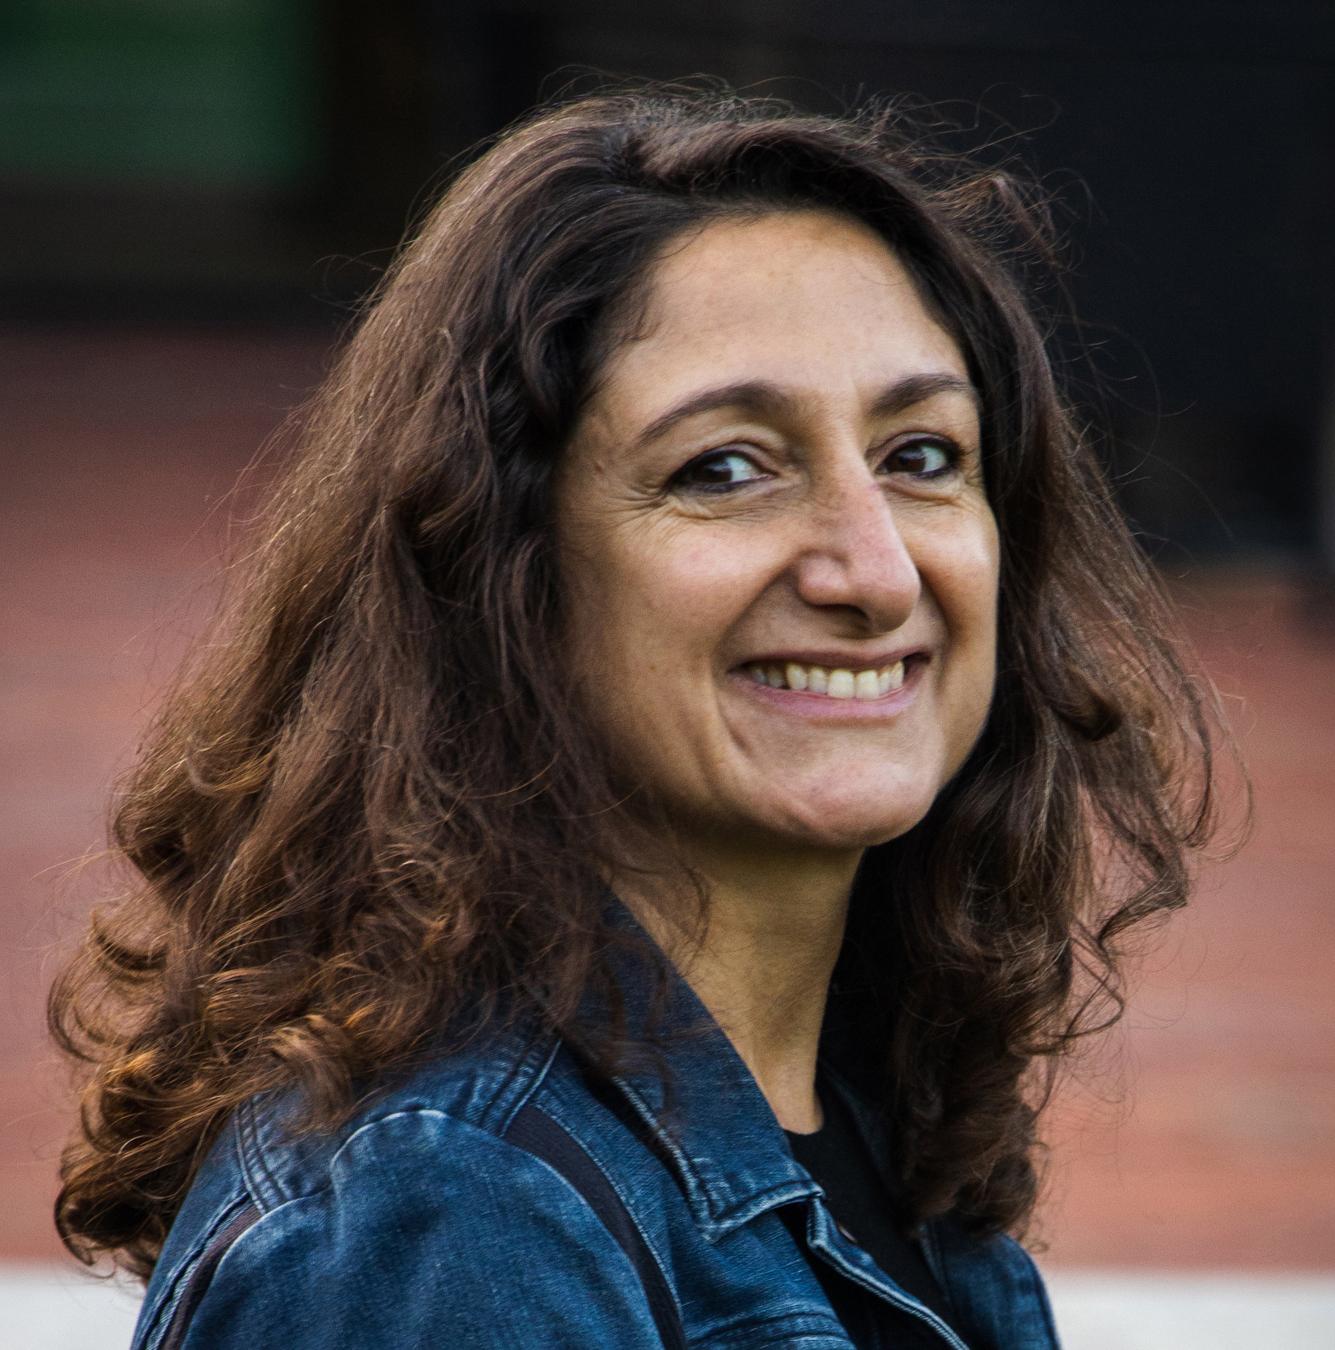 Lara Baladi